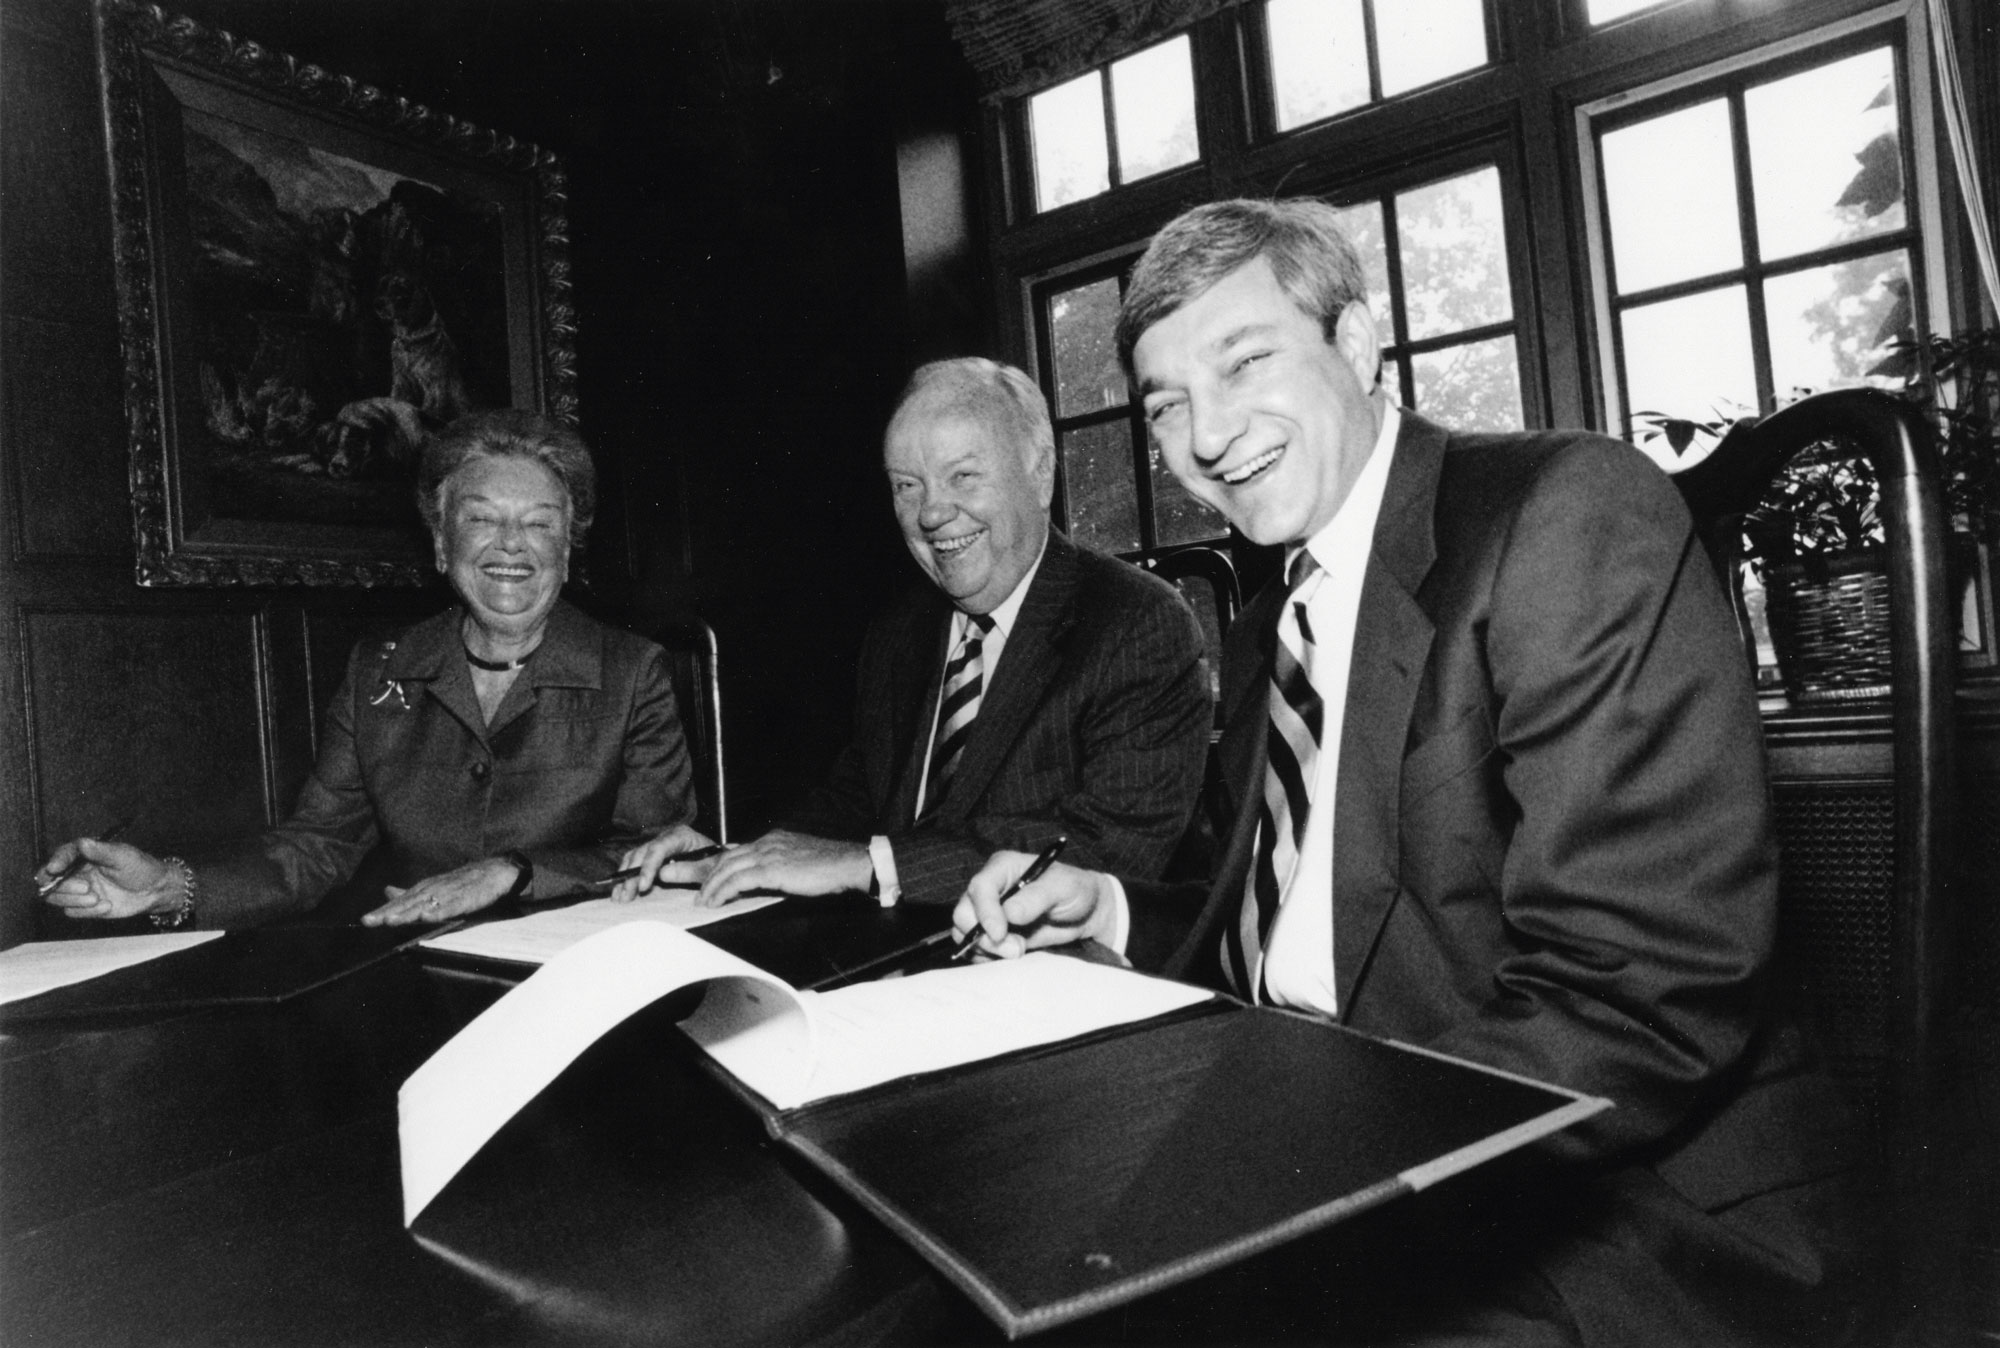 Дональд Риган (нафото в центре) превратил Merrill Lynch в «банк мечты»